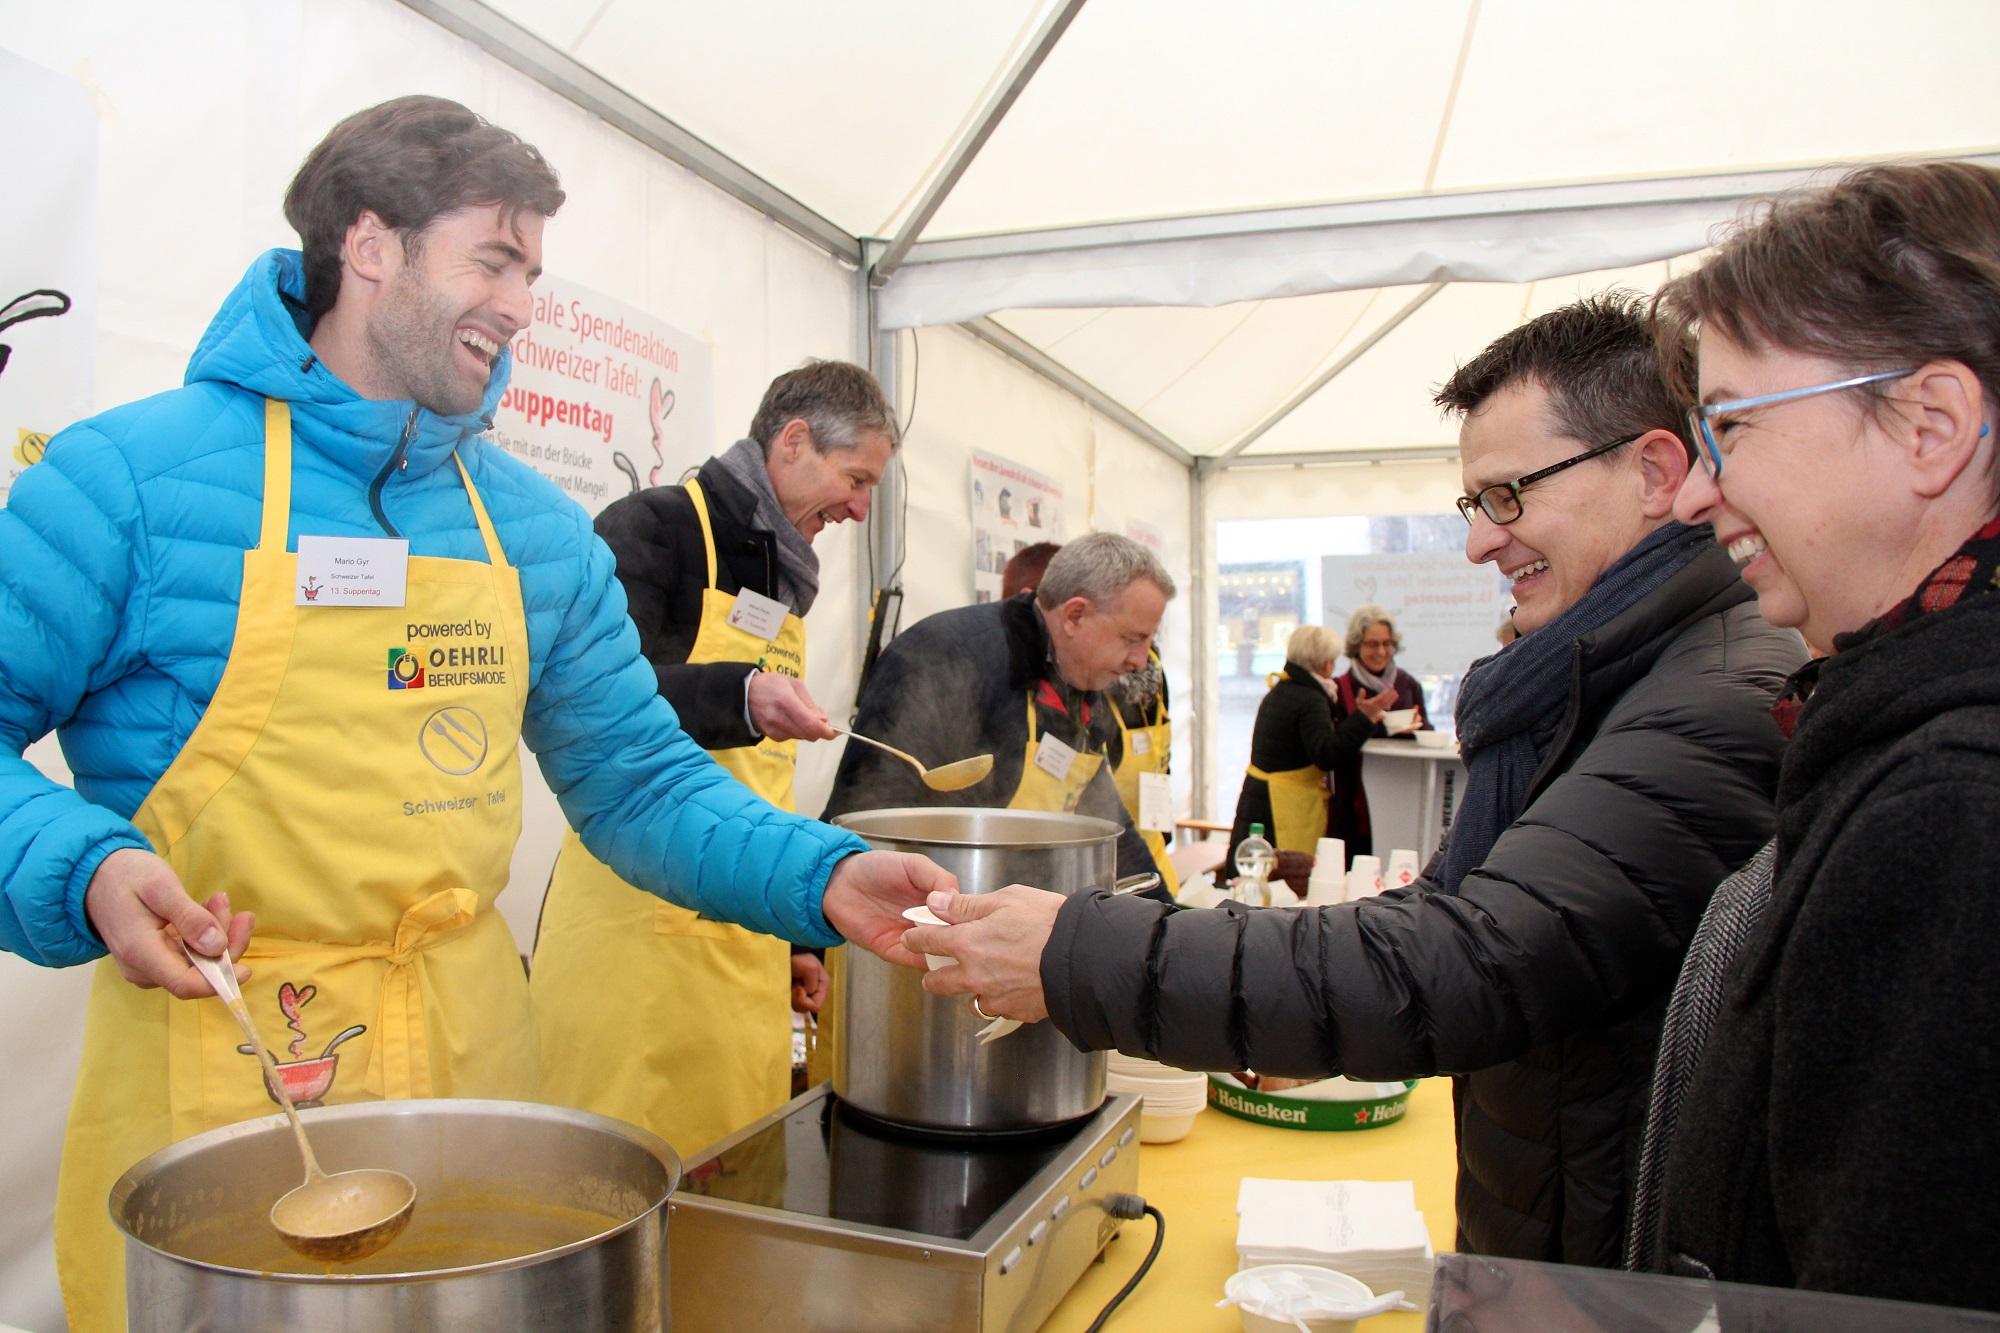 143ʽ210.20 Spendenfranken am Suppentag der Schweizer Tafel ...